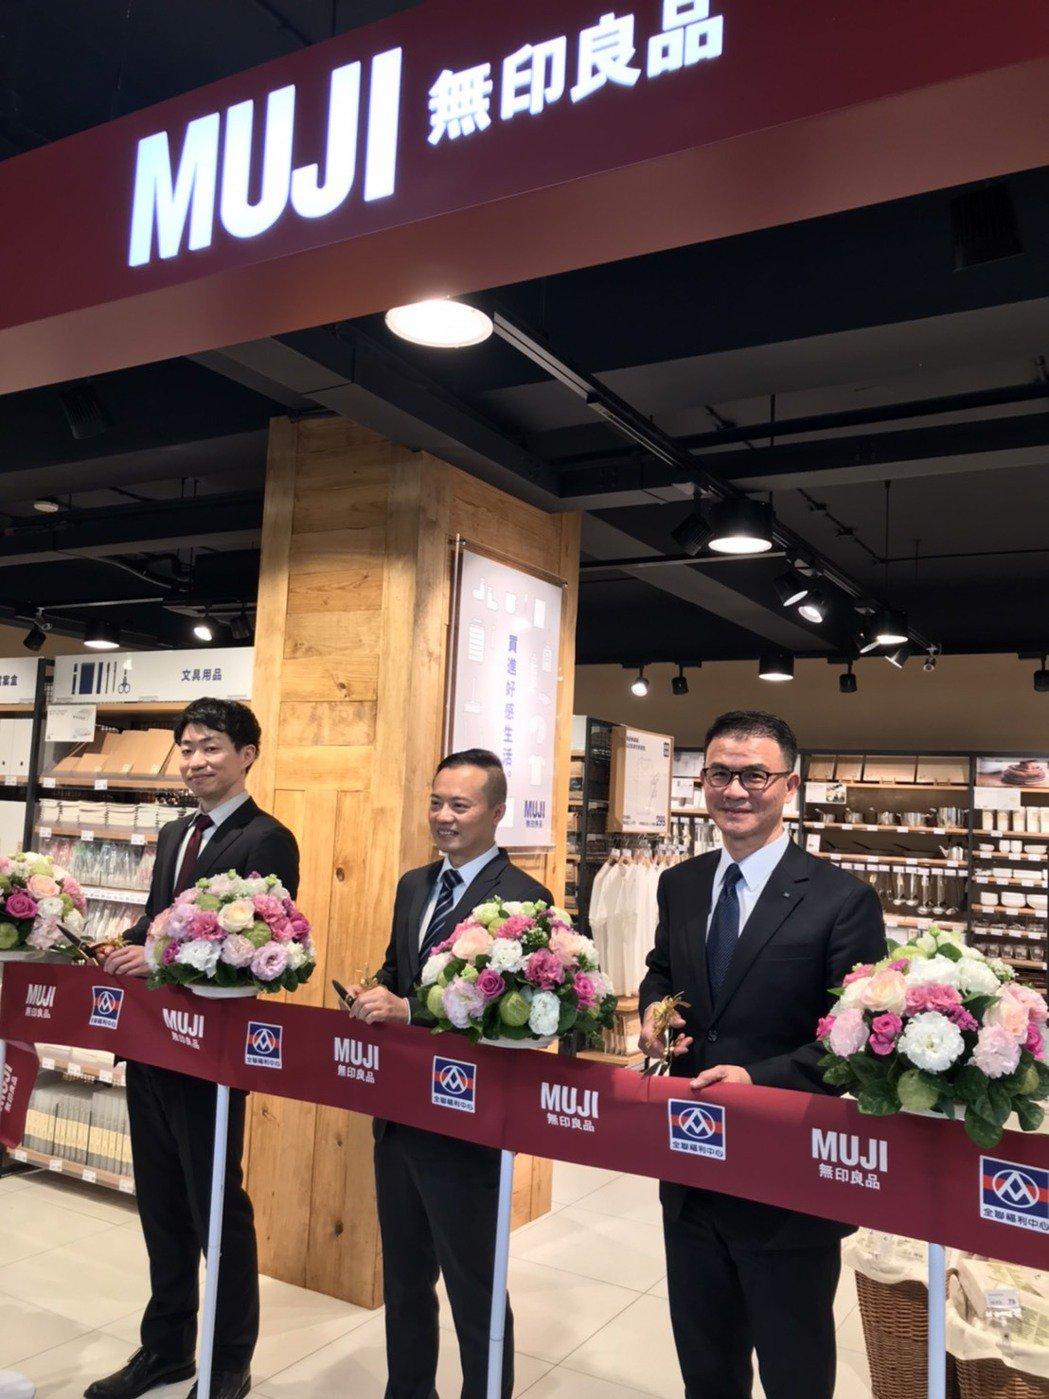 全聯攜手日系品牌MUJI無印良品在全聯門市內設店中店。(記者嚴雅芳/攝影)